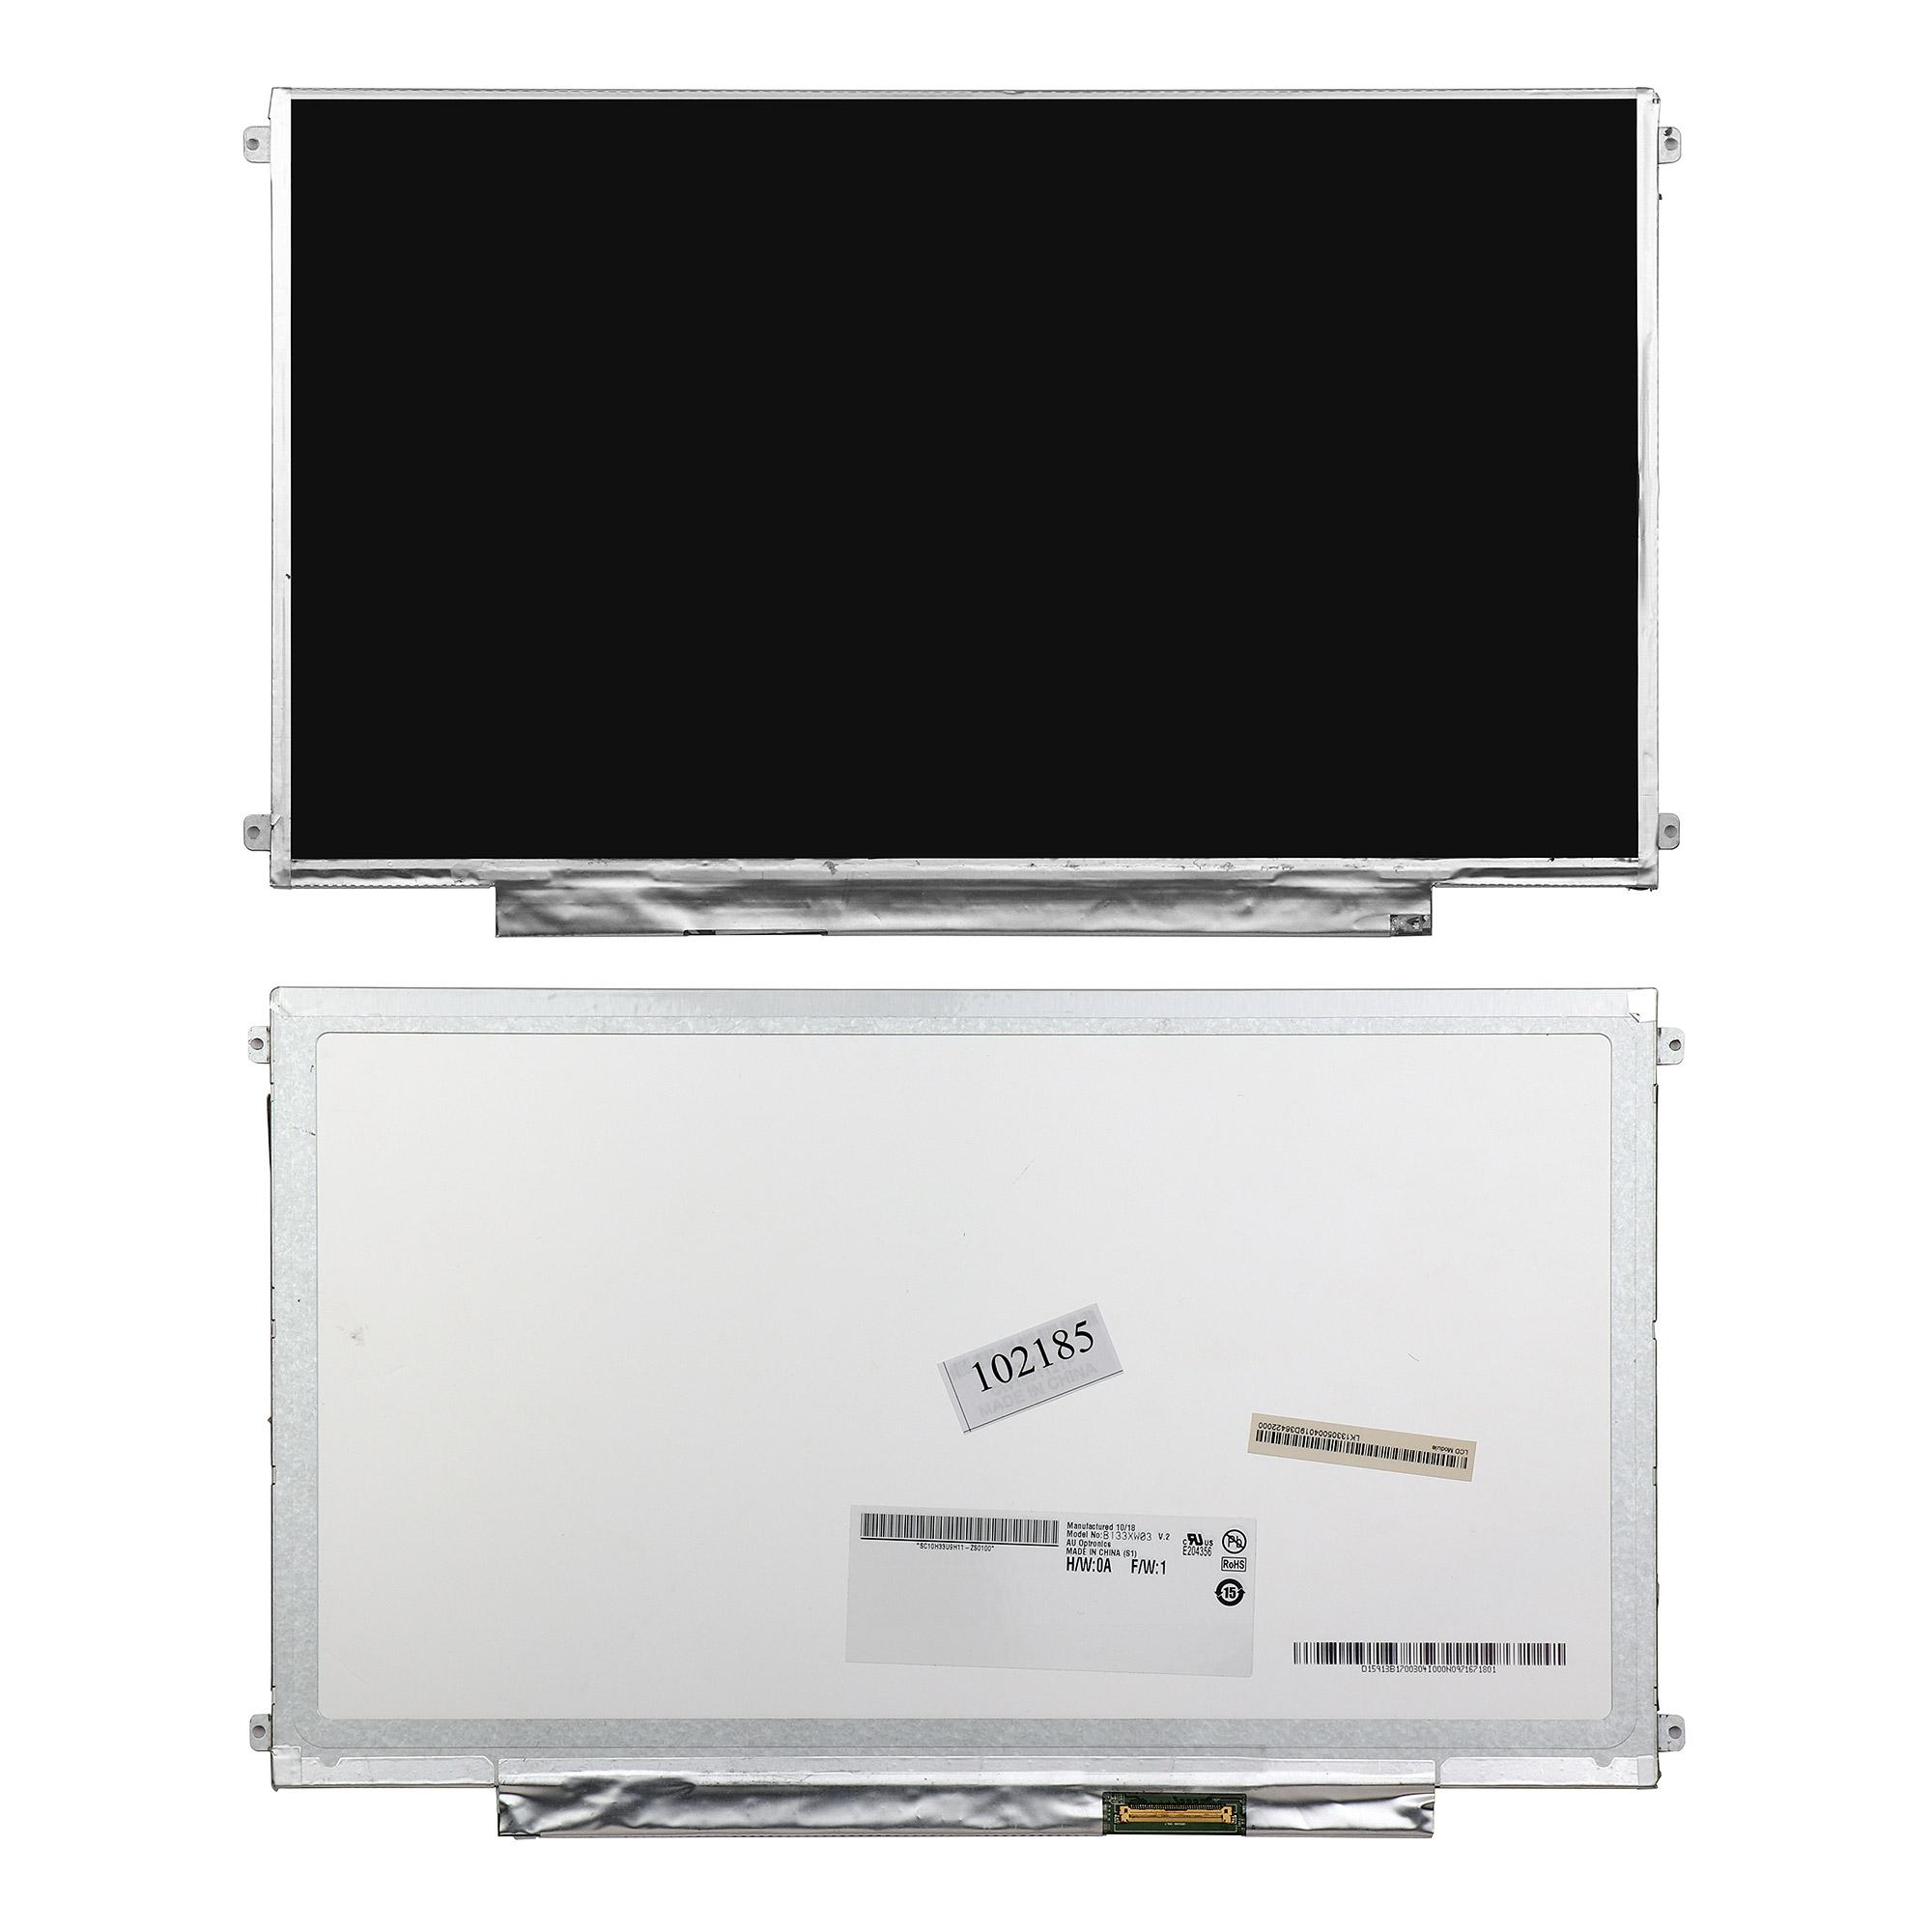 Запчасти для ремонта теле, видео, аудио 13.3 1366x768 WXGA 40 pin Slim LED крепления слева/справа (уши). Матовая. PN: B133XW01 V.2 N133BGE-LB1.